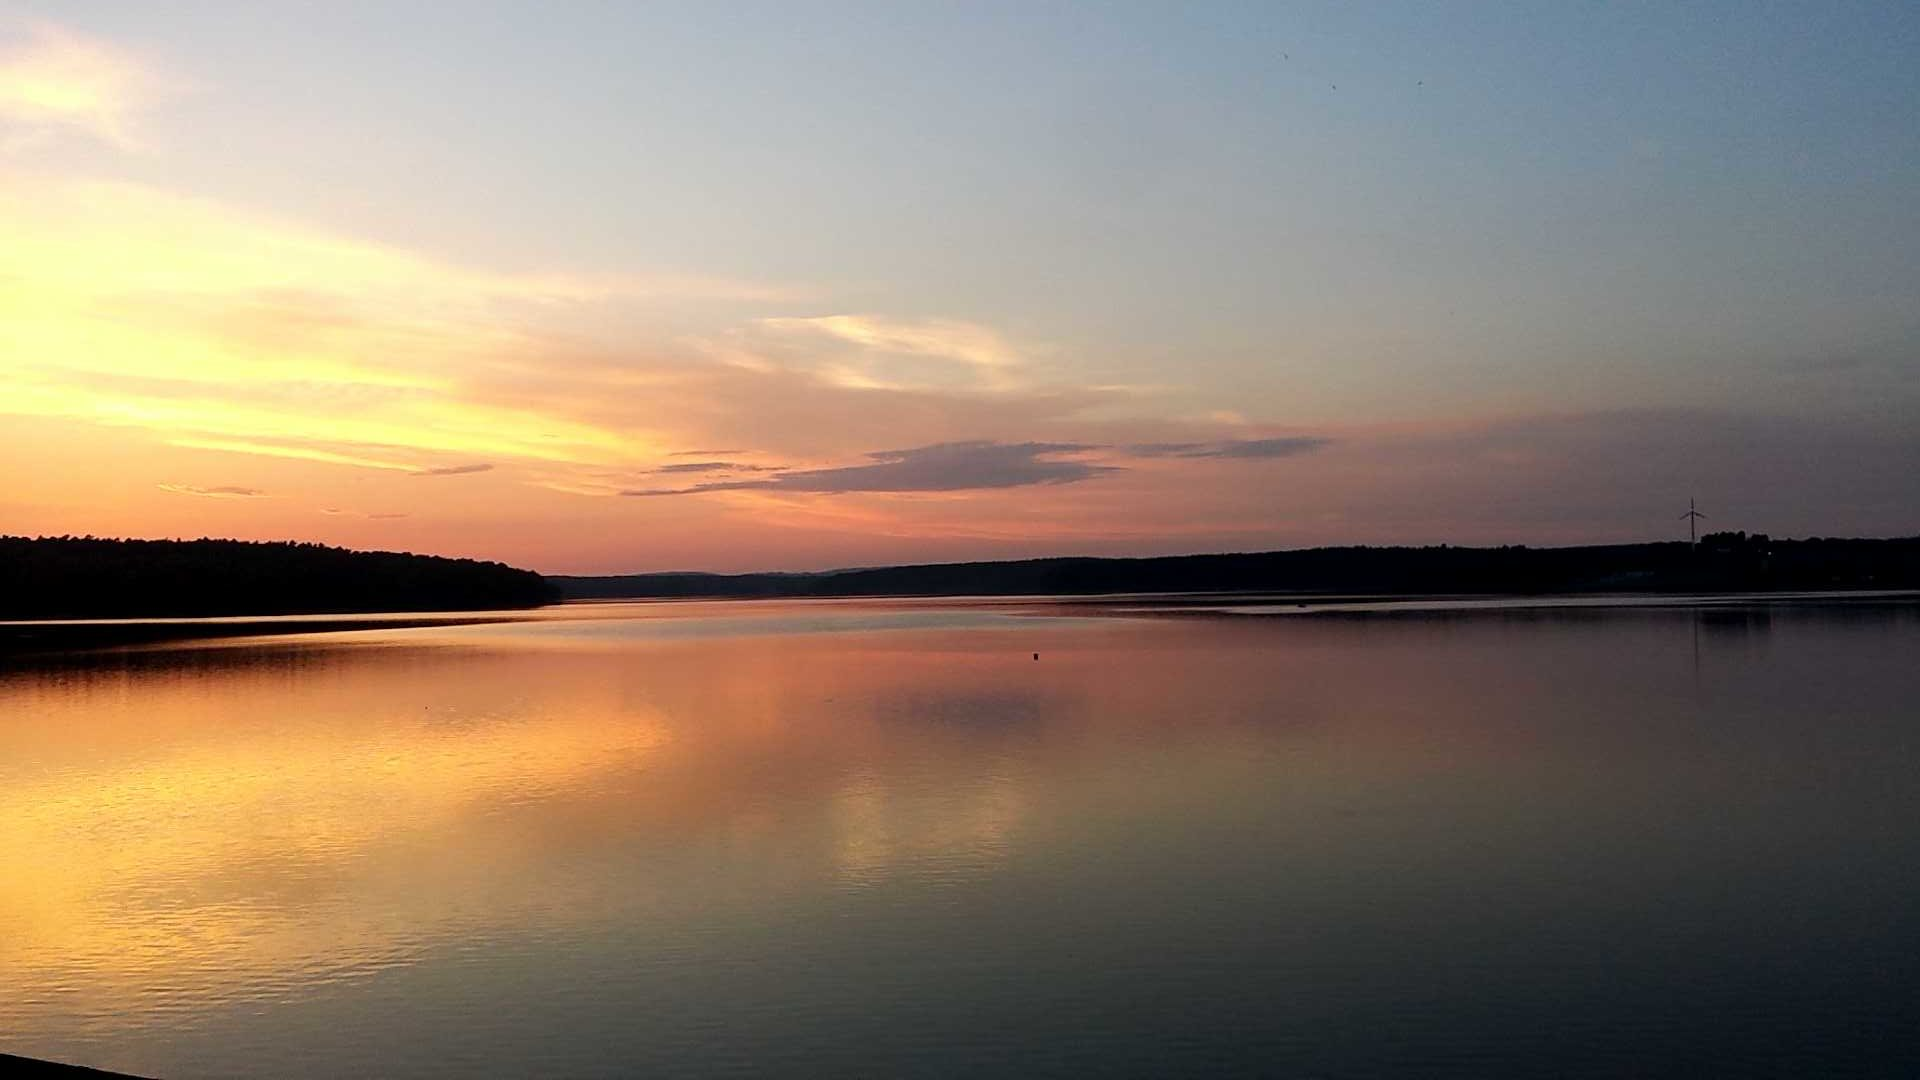 Jezioro Chańcza o zachodzi słońca piękne zdjęcie z tamy